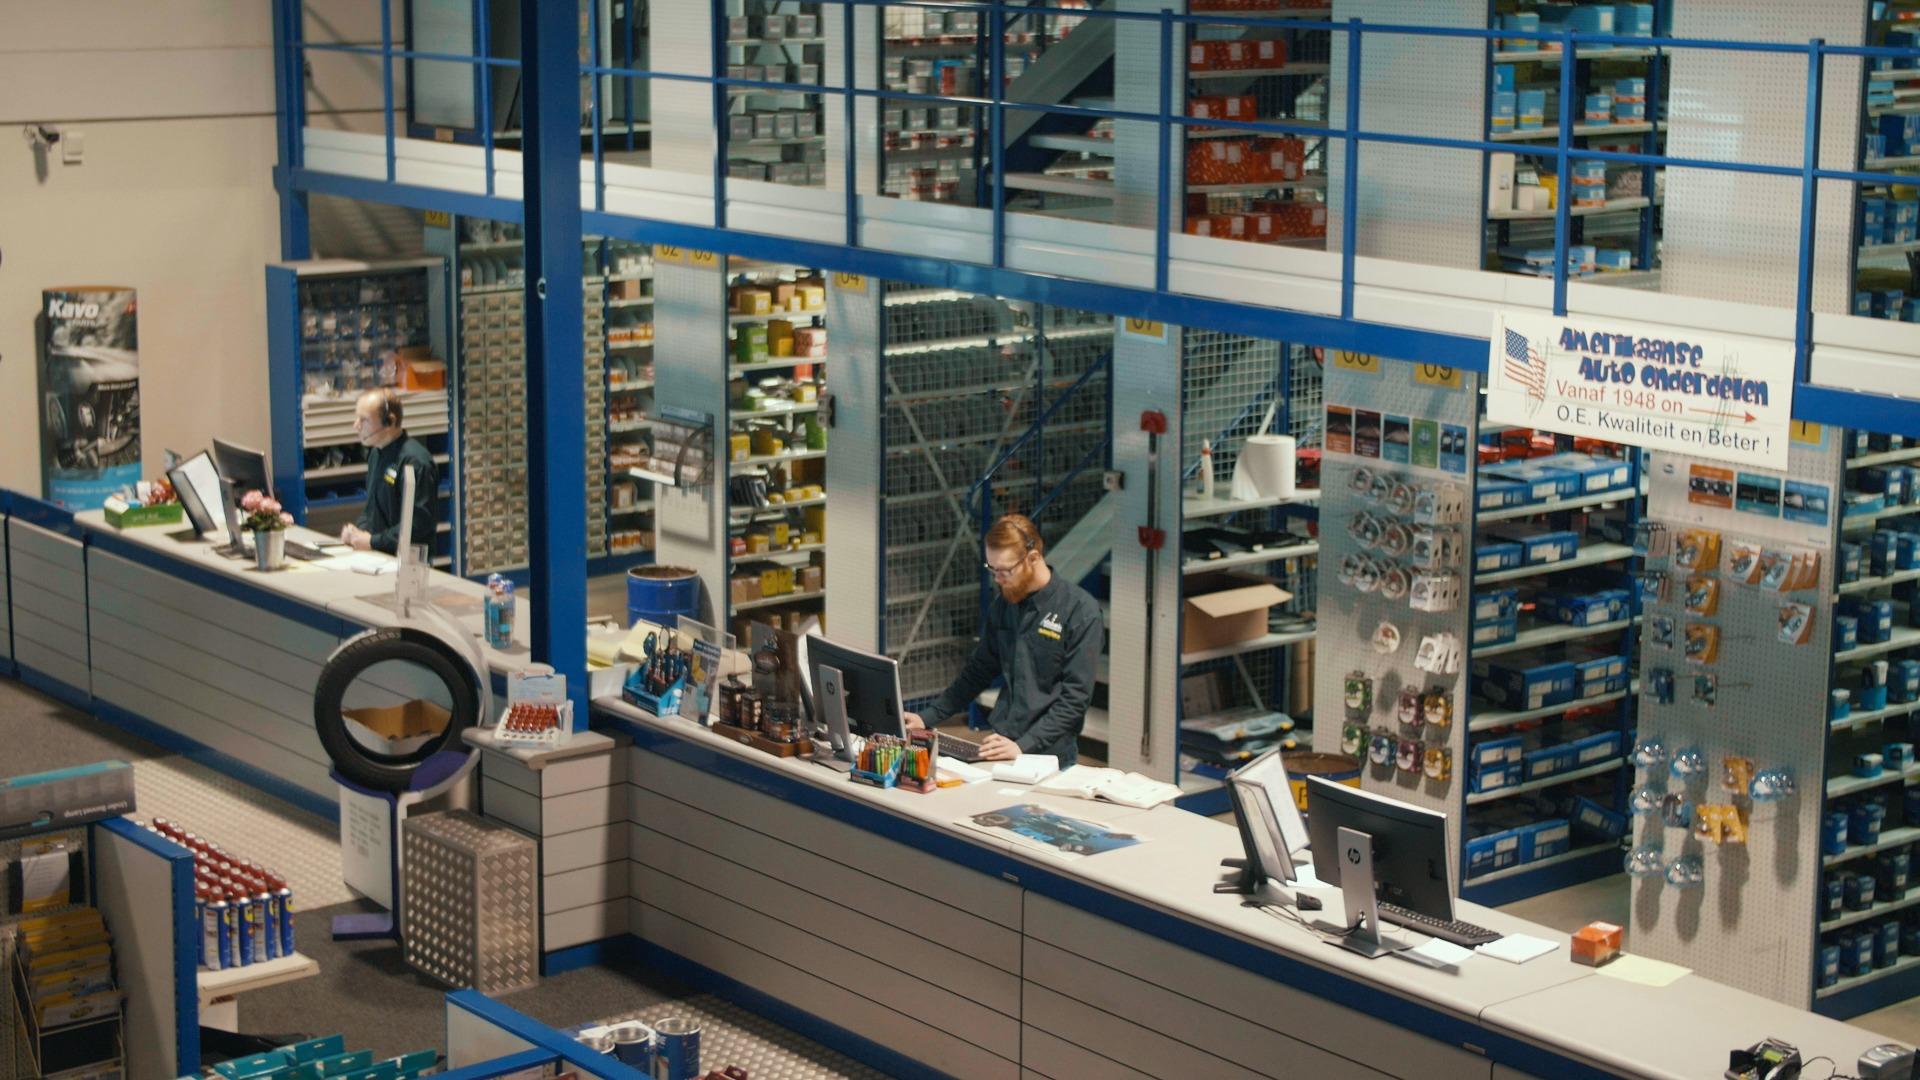 bedrijfsfilm laten maken dabeko magazijn video klantcontact